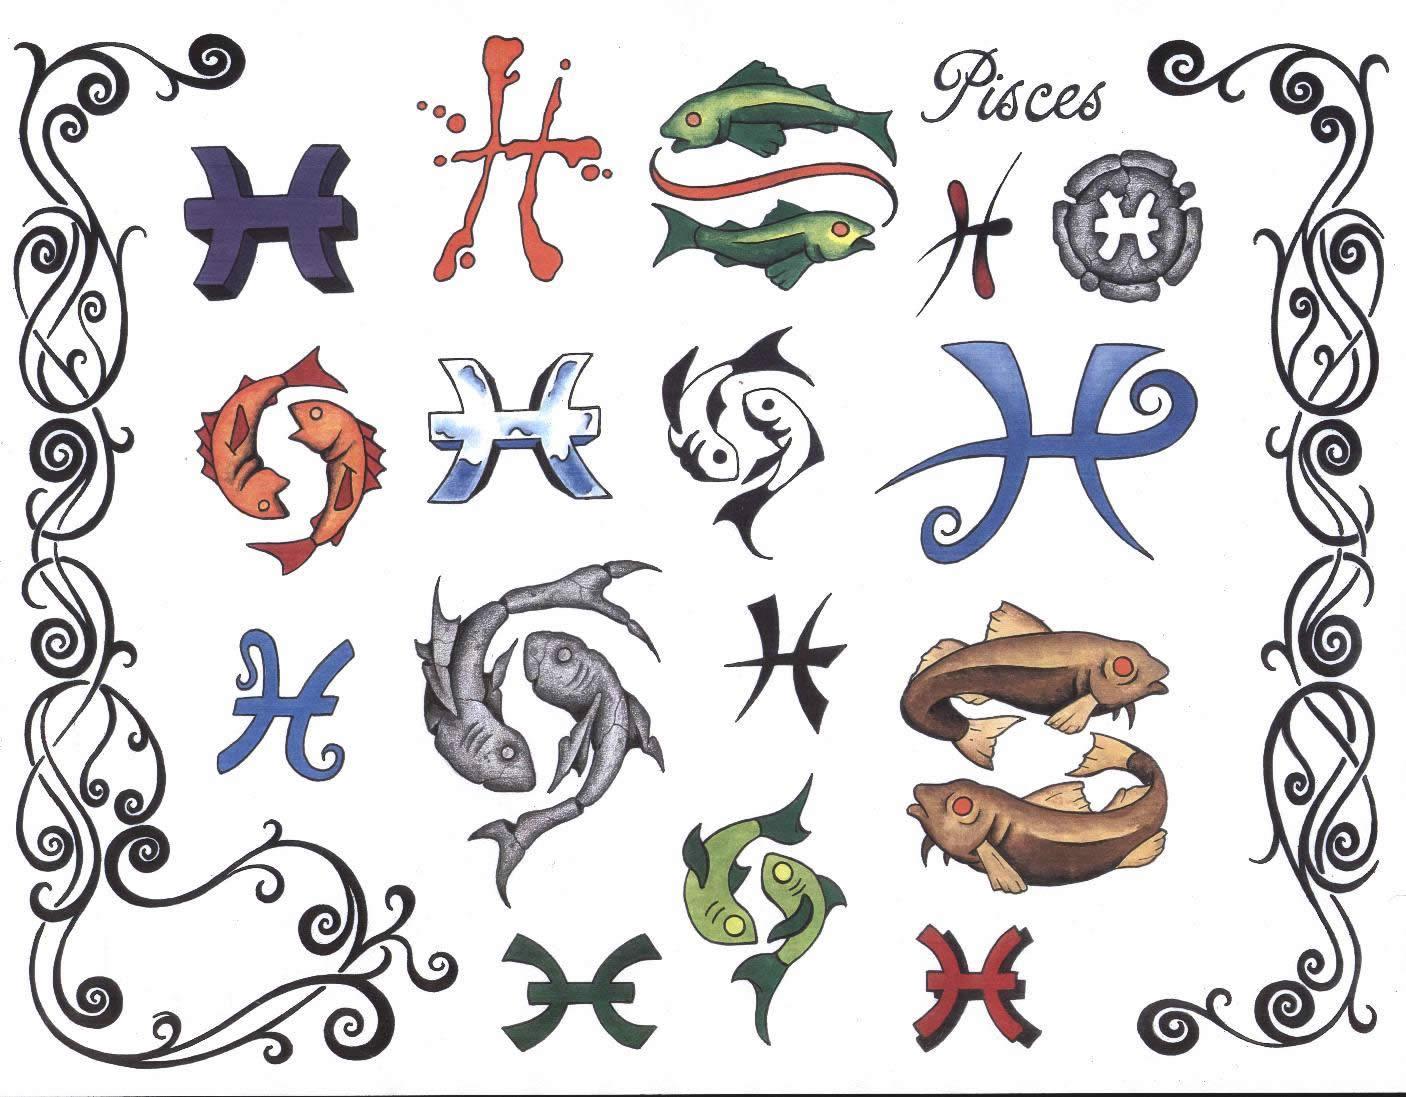 эксперта: Перед ресунки тату знак рыбы же, если выбираете